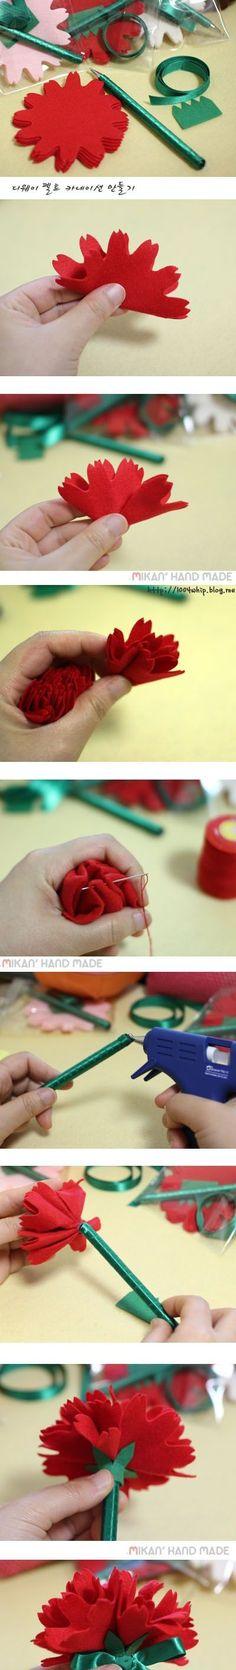 DIY Modular Carnation Flower